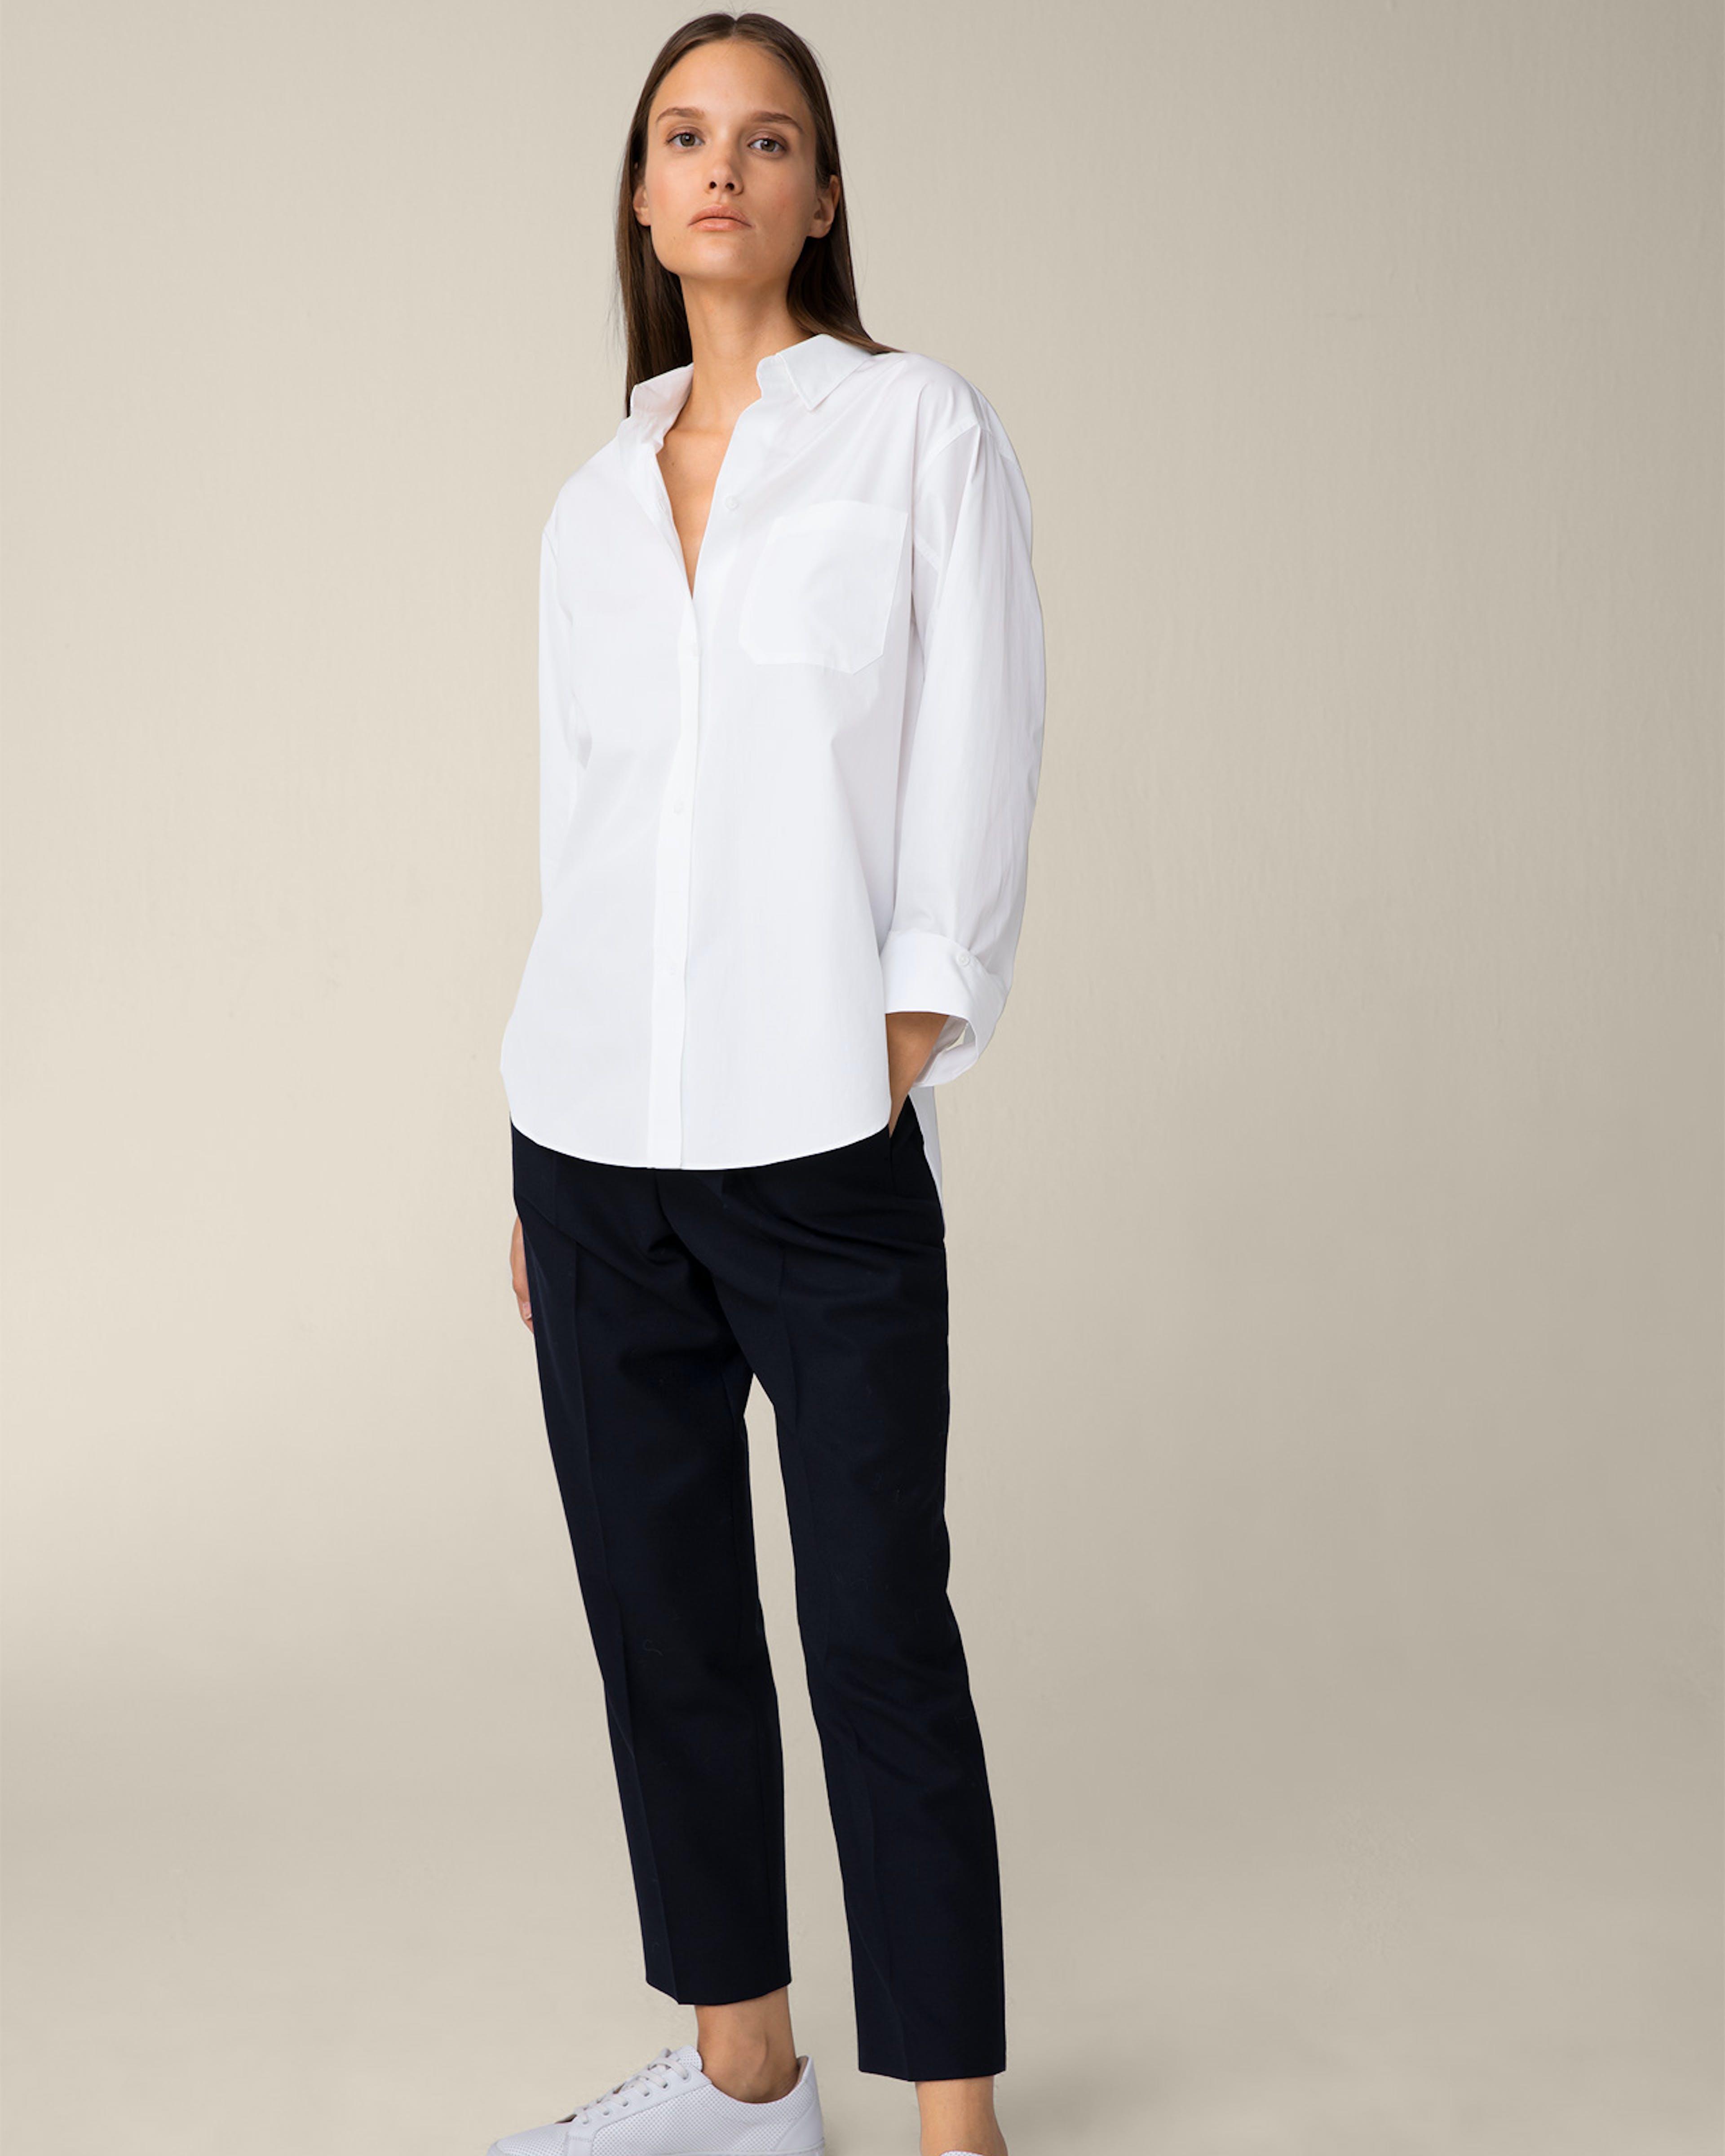 Popeline-Longbluse mit Hemdkragen in Weiß